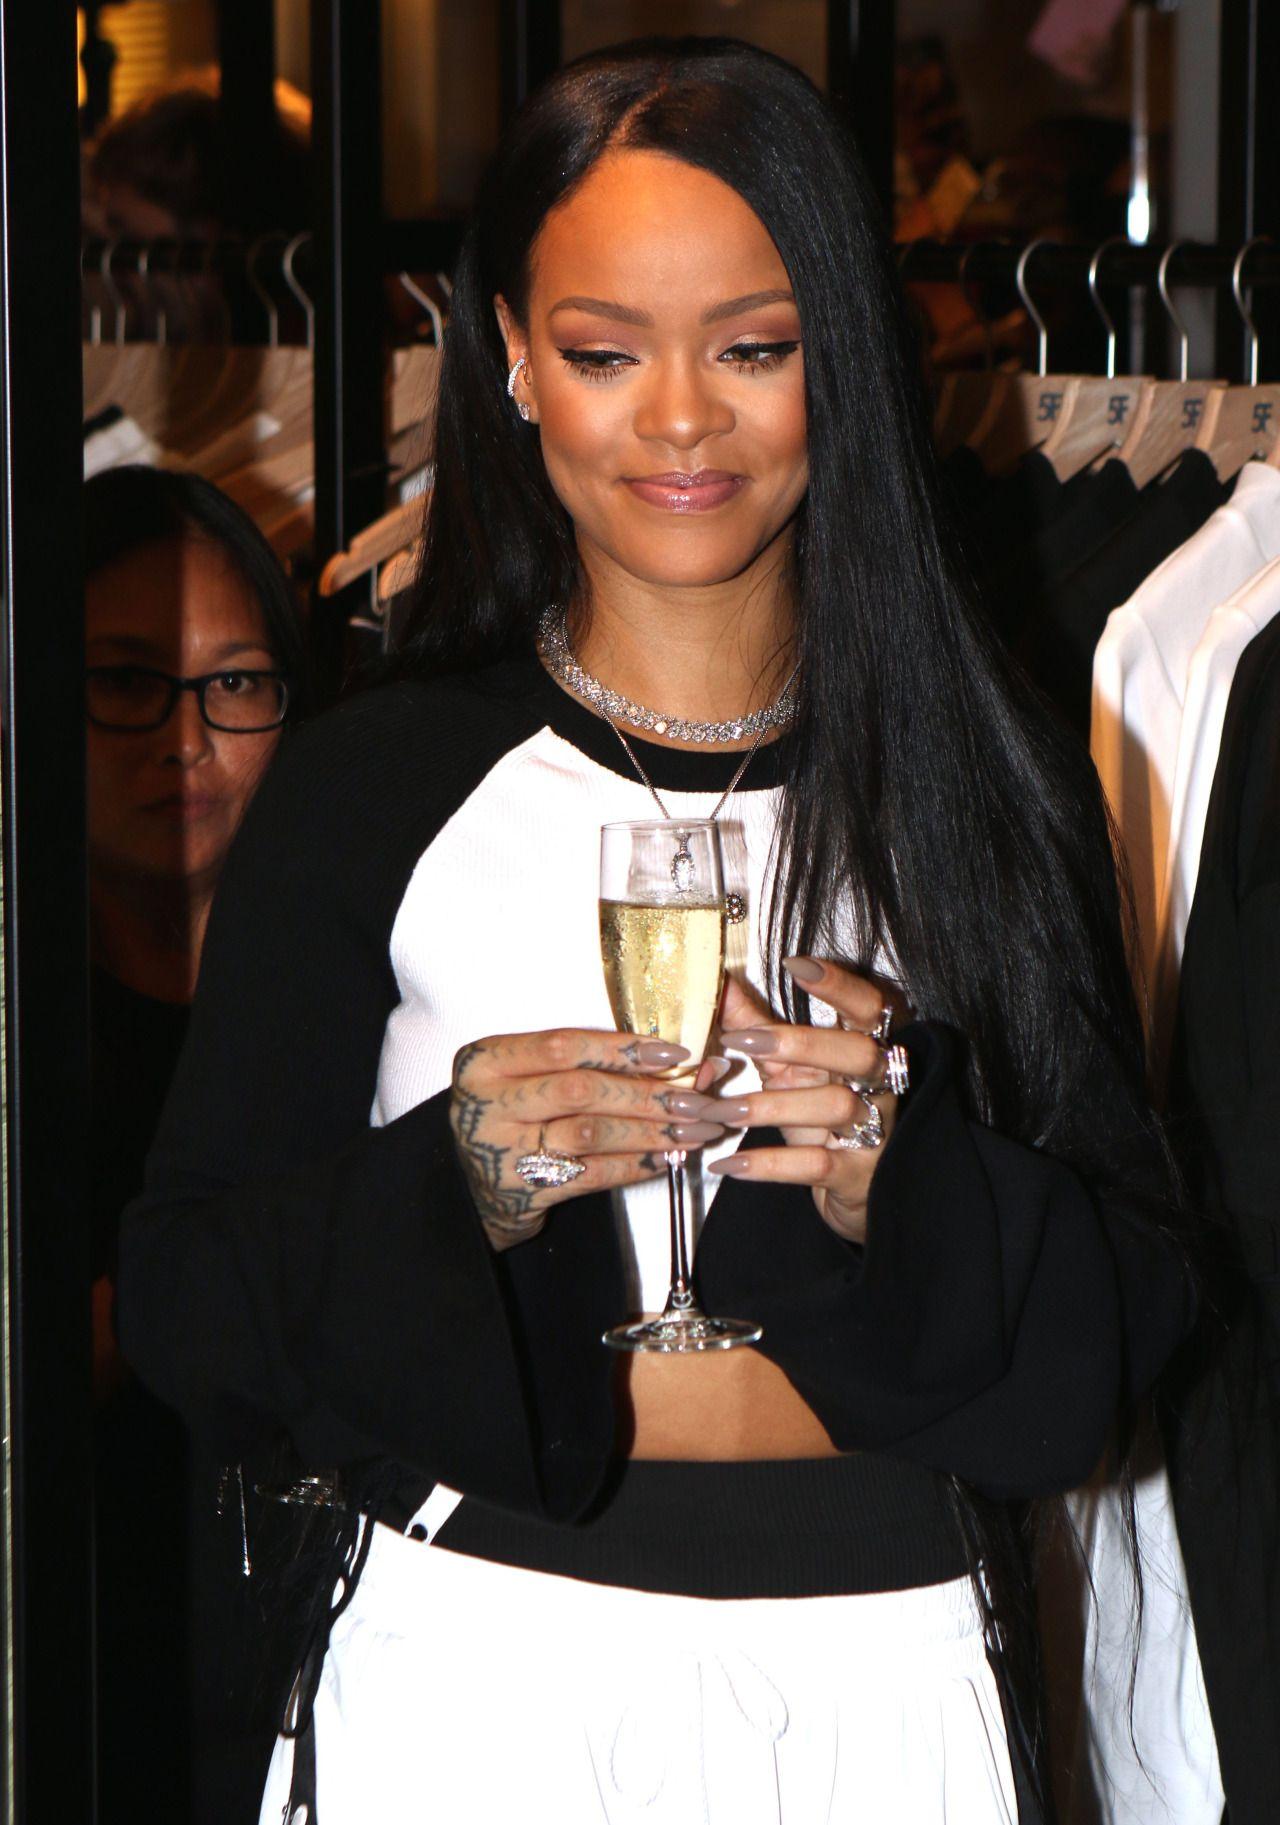 Pin by NaShira Mzkutt Whitlock on dress code 2017 ... |Dope Rihanna Haircuts